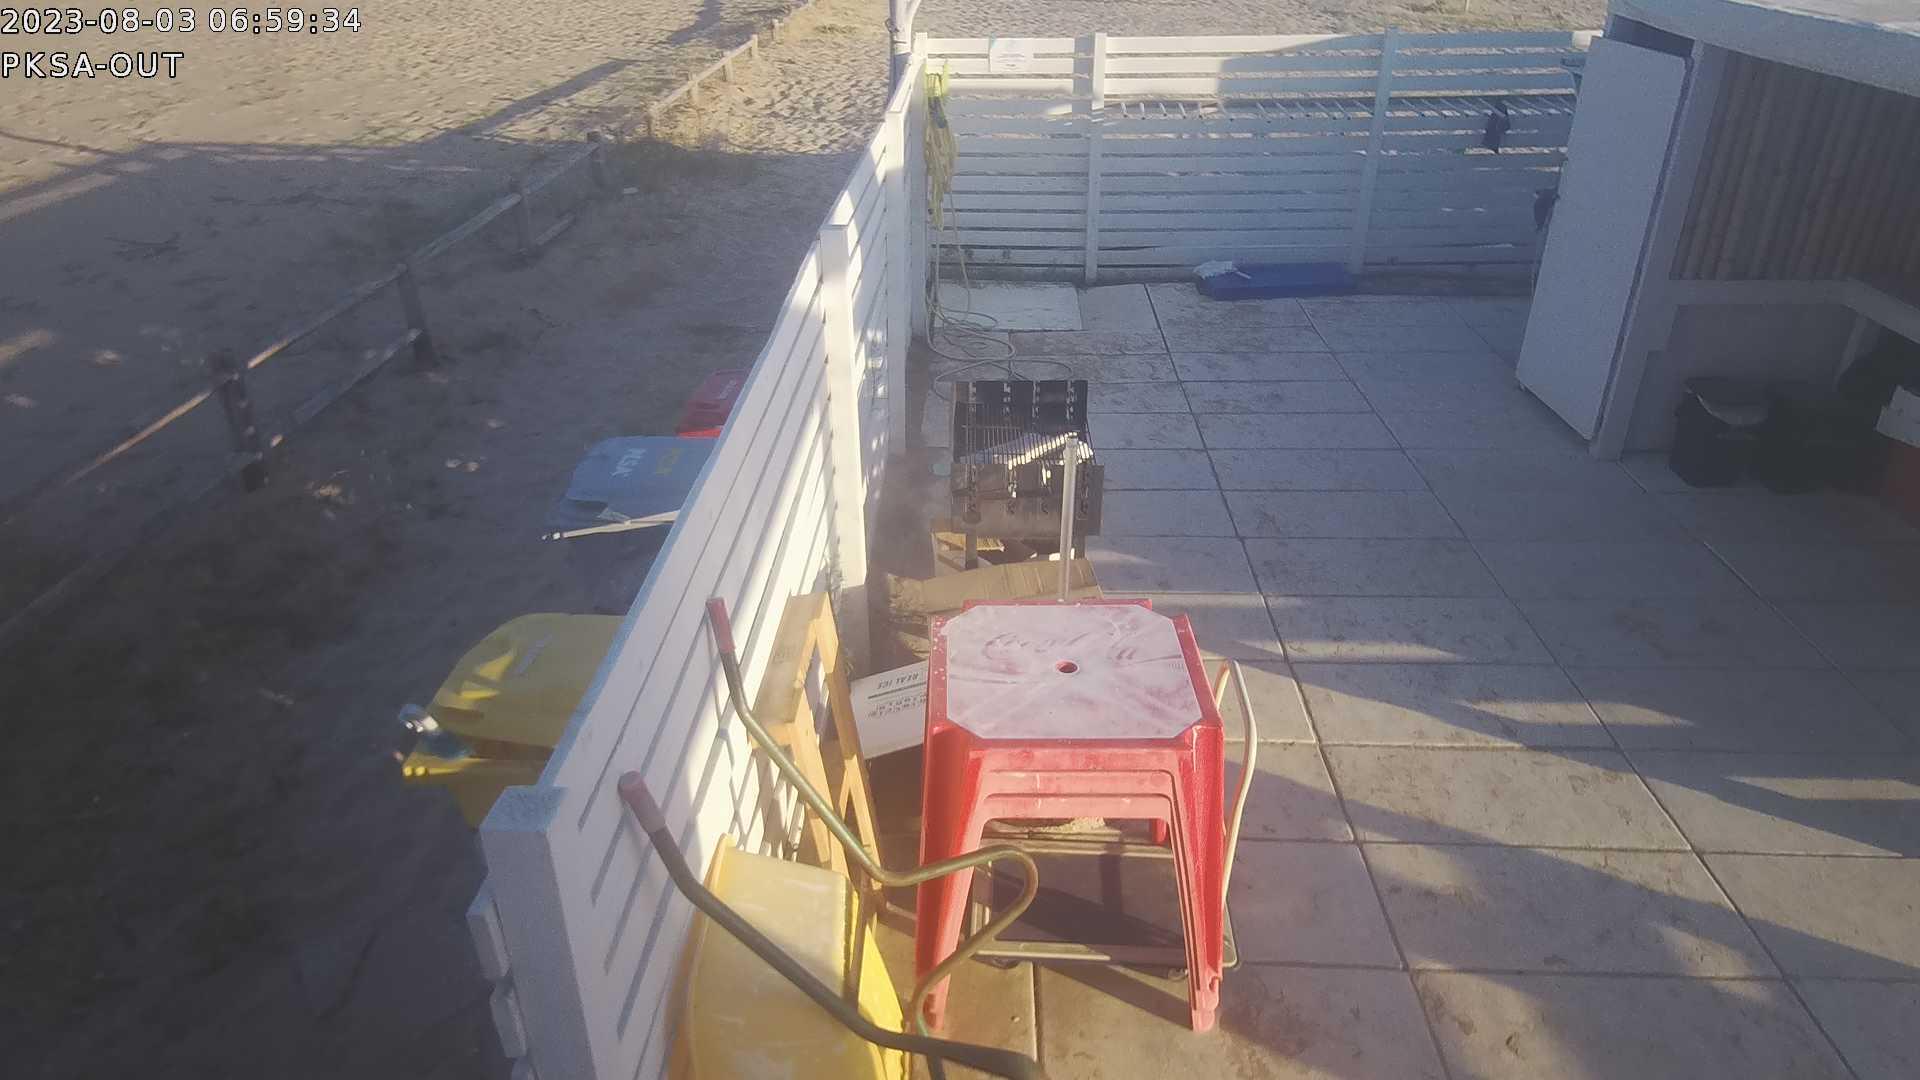 PKSA webcam